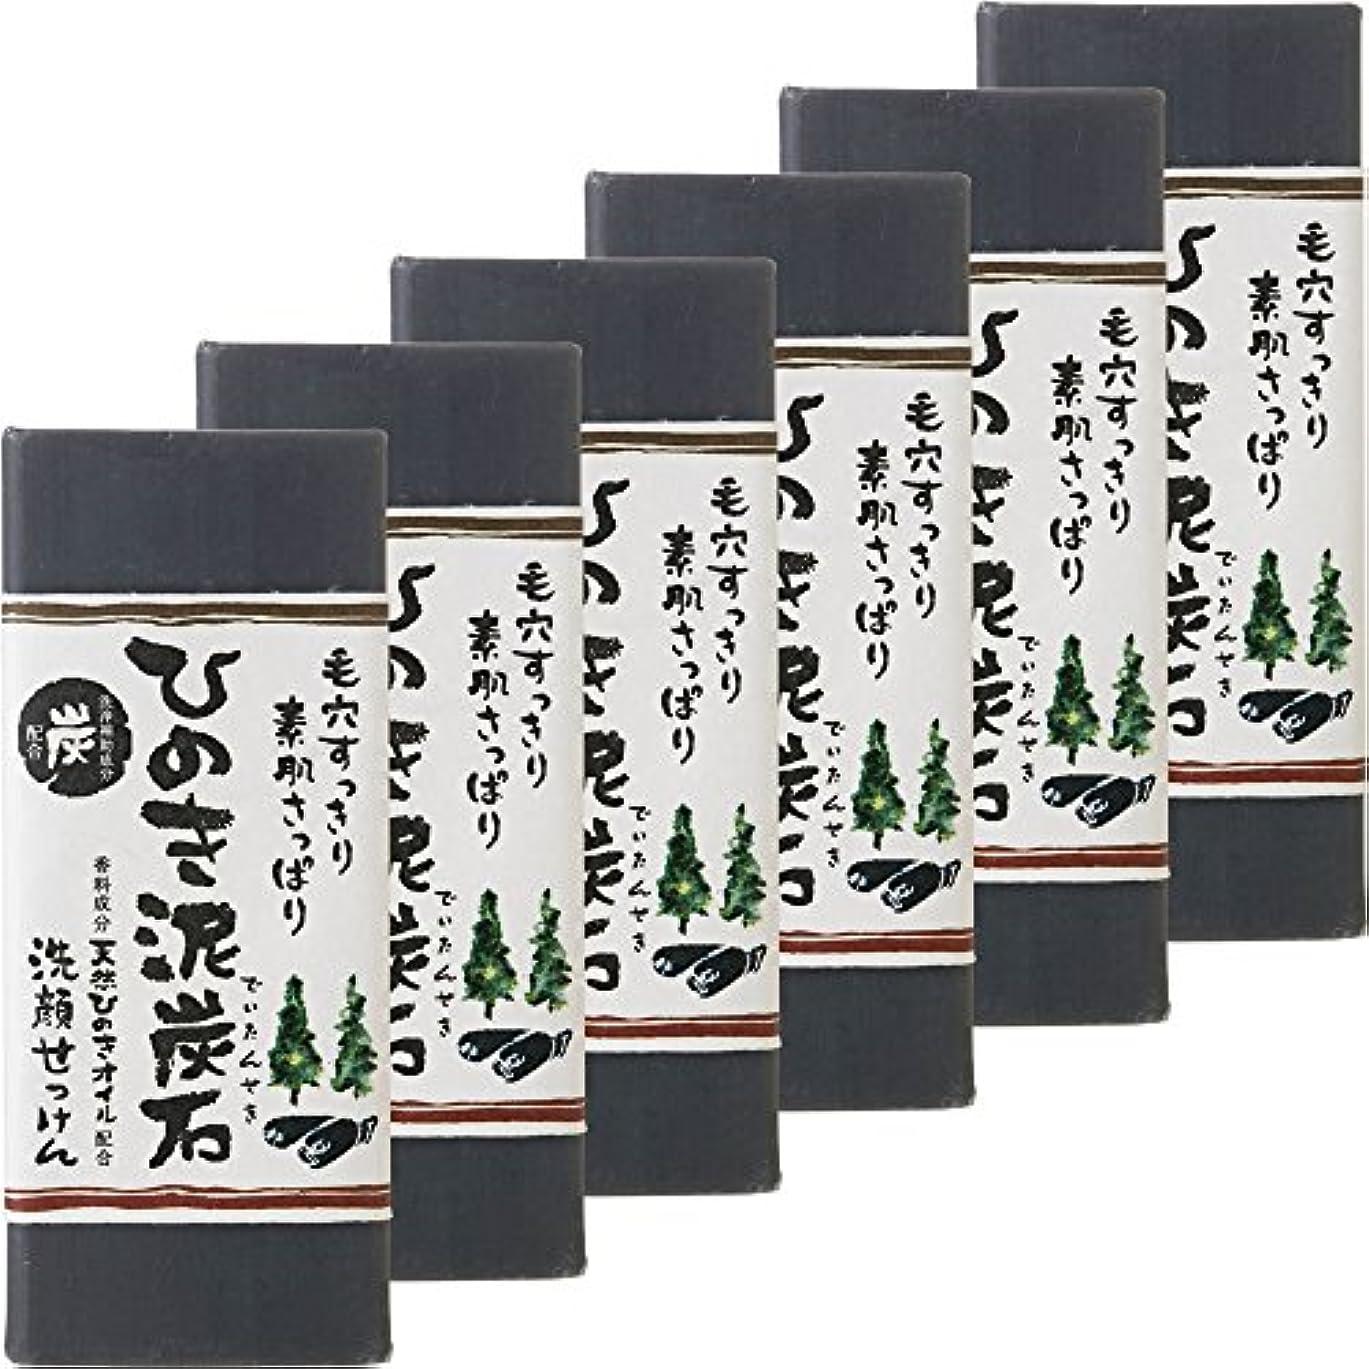 寄付する油ミュートひのき泥炭石 洗顔せっけん すっきりタイプ (150g×6個) 石けん [天然ひのきオイル配合]